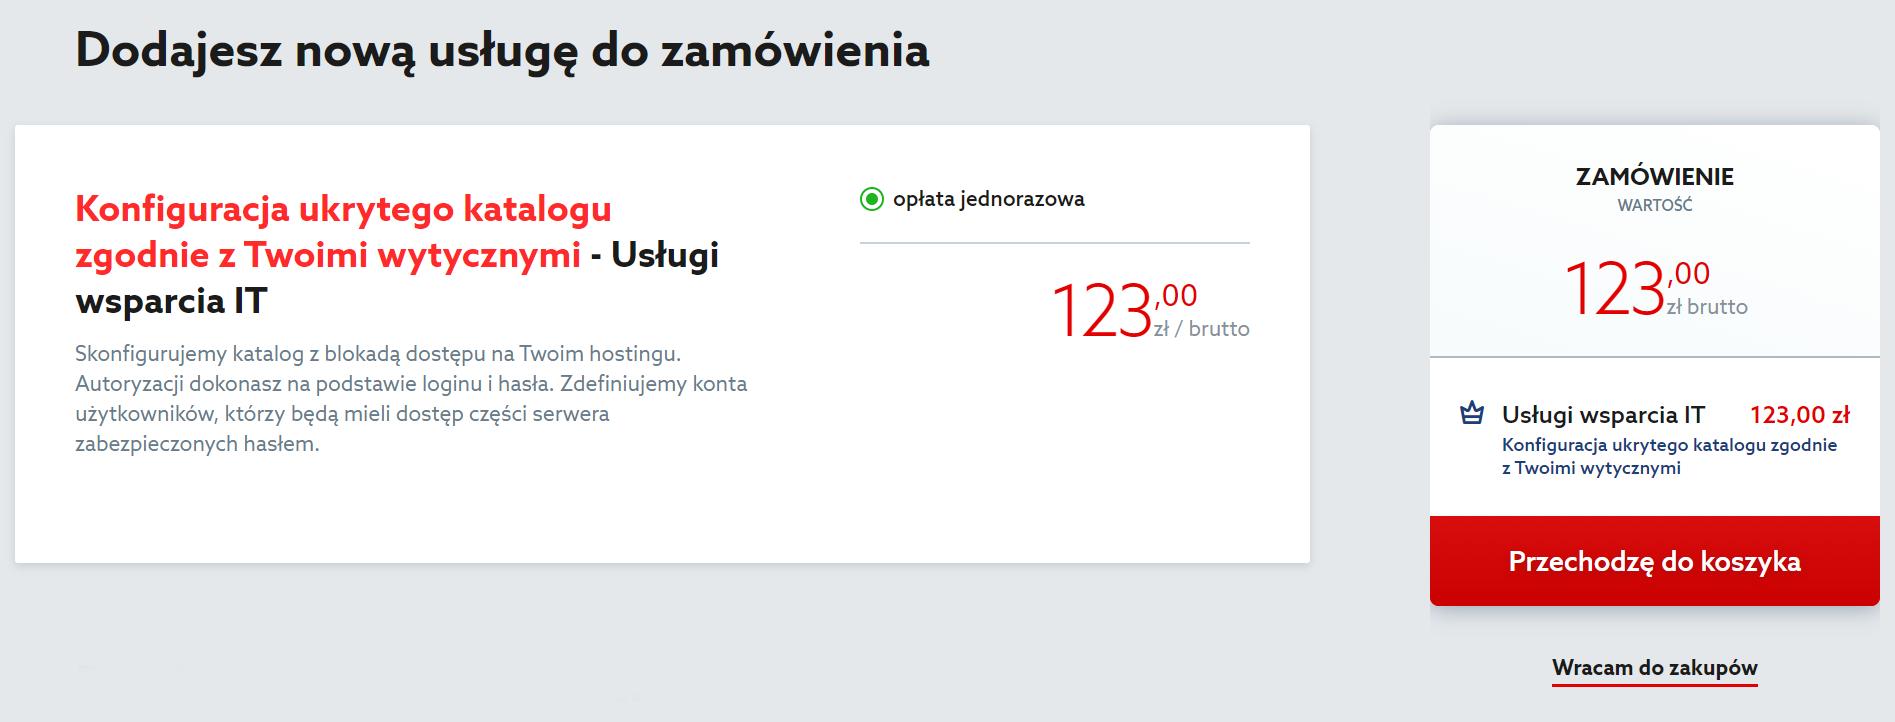 Aby zakupić konfiguracje ukrytego katalogu na serwerze w home.pl, kliknij przycisk: Przechodzę do koszyka.